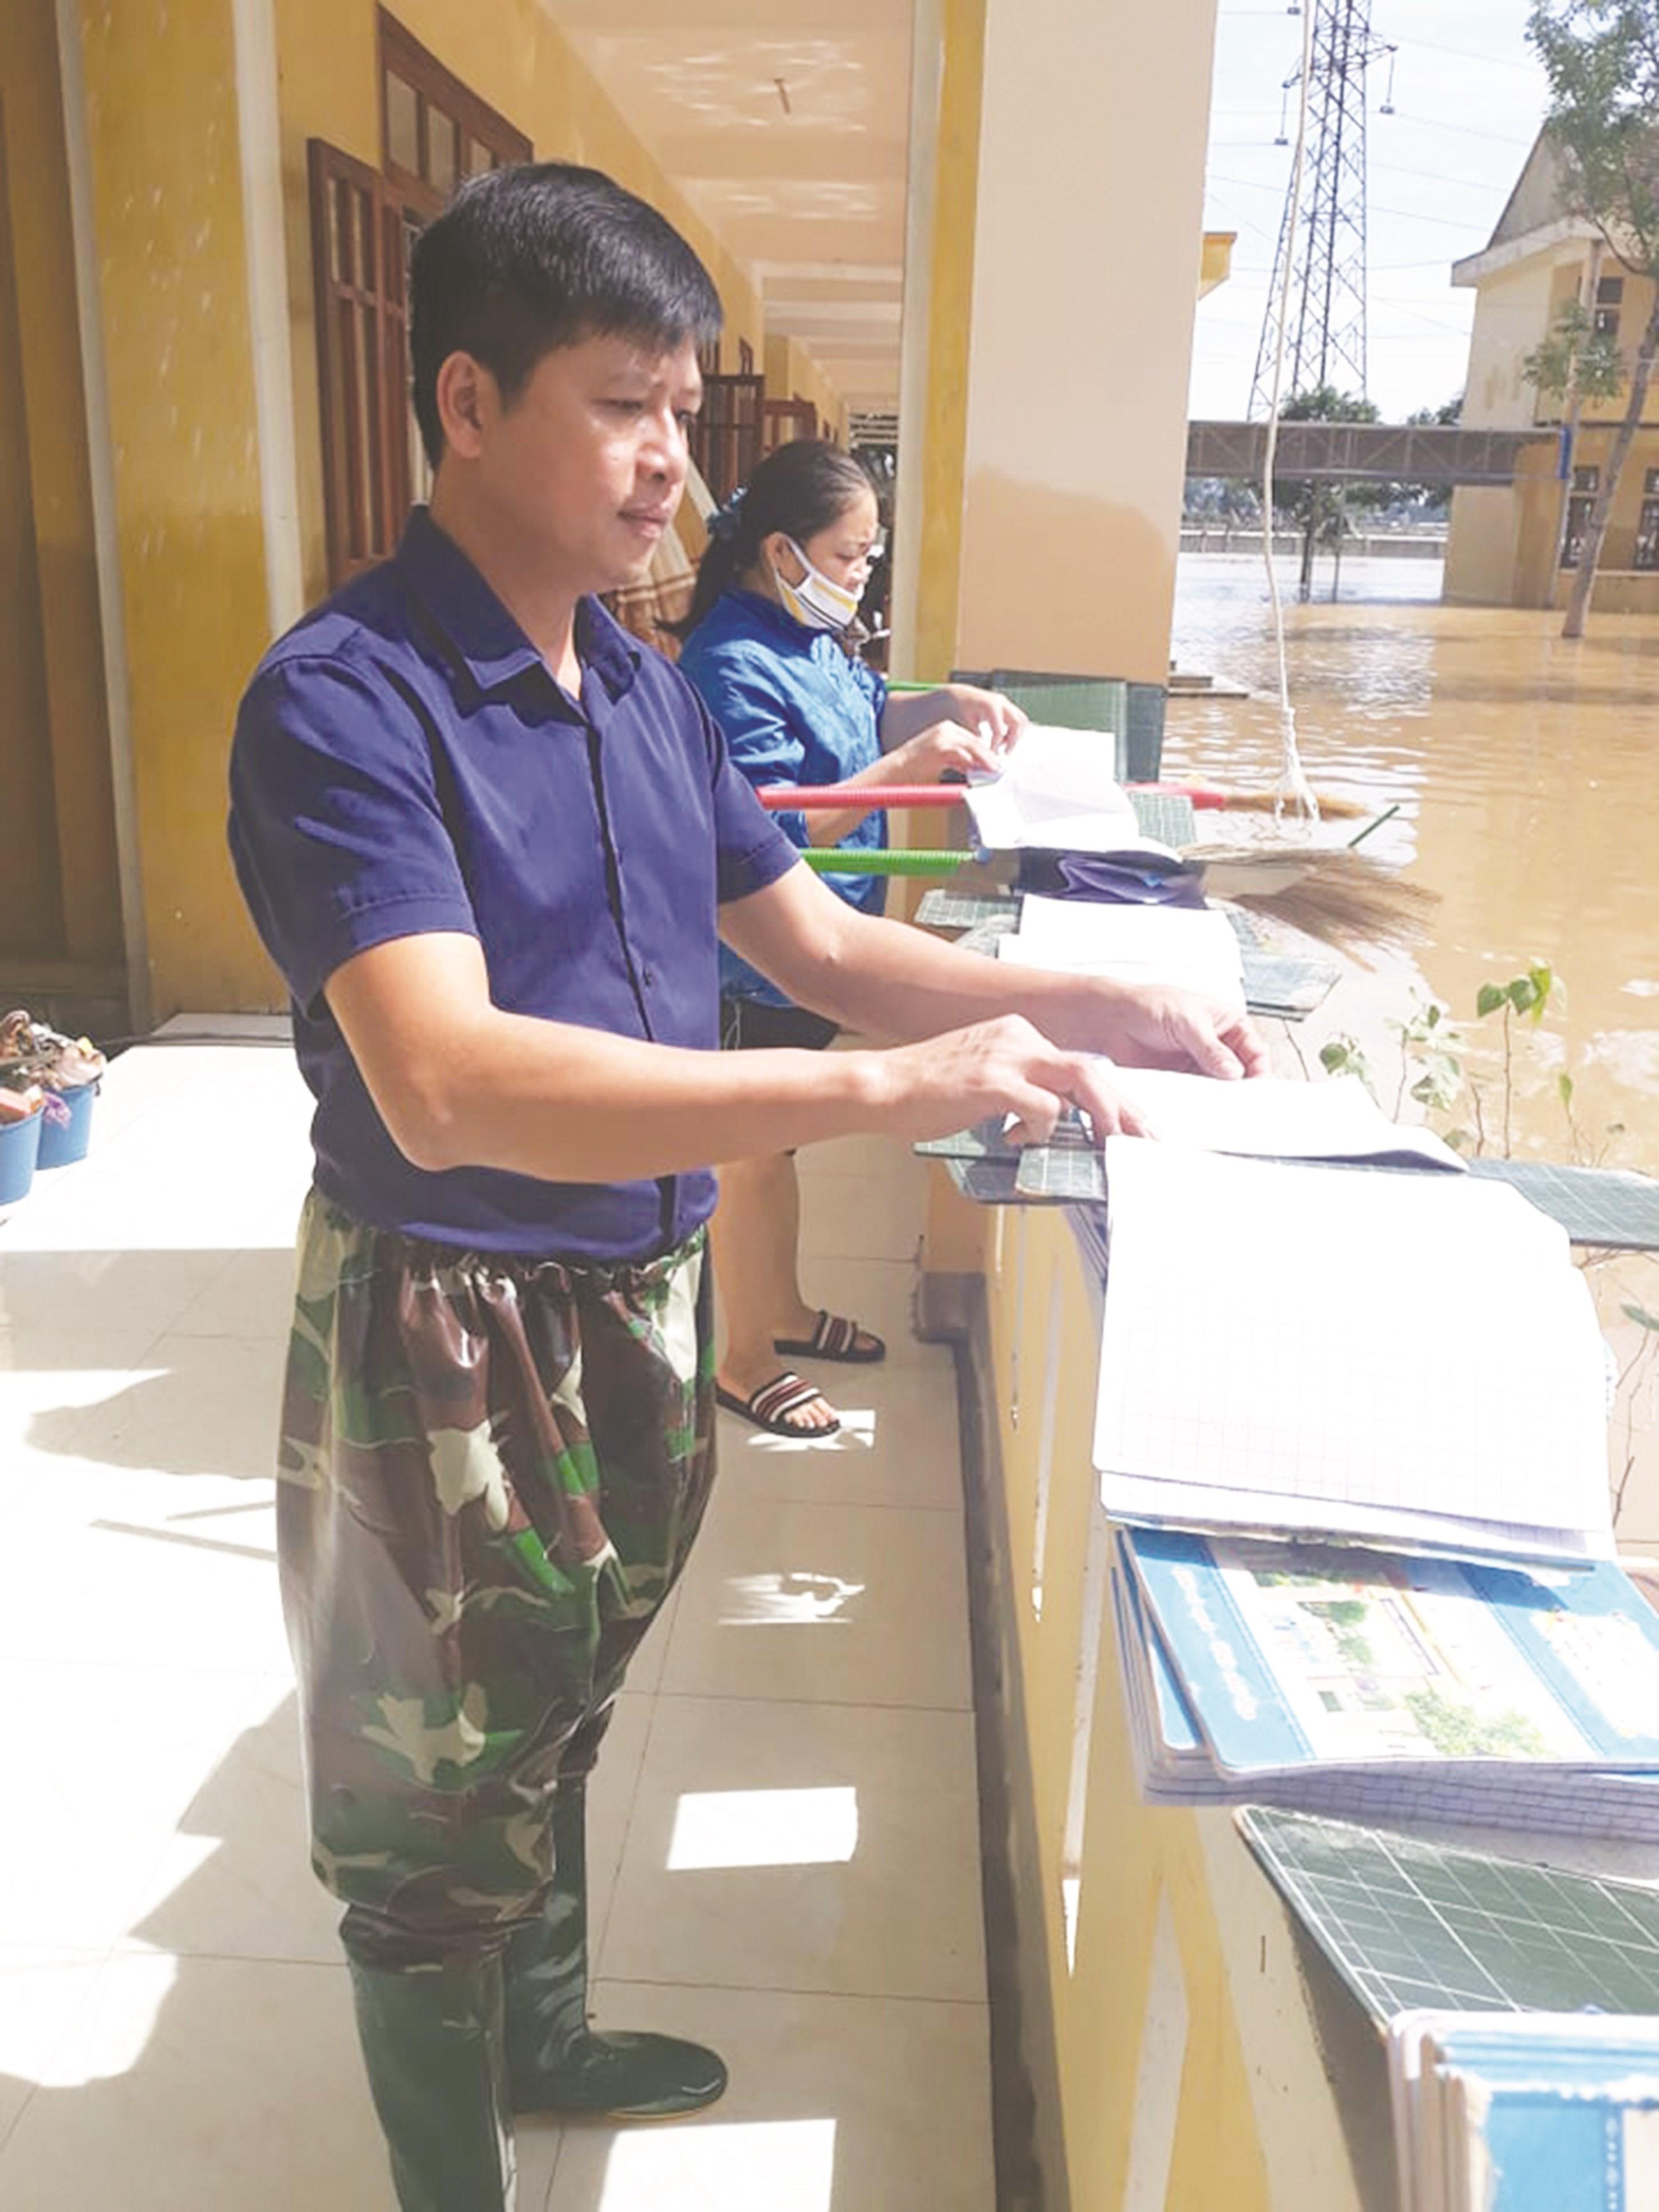 Giáo viên Trường Tiểu học Cẩm Thành xã Cẩm Thành, huyện Cẩm Xuyên (Hà Tĩnh) hối hả phơi phơi đồ dùng dạy học sau lũ